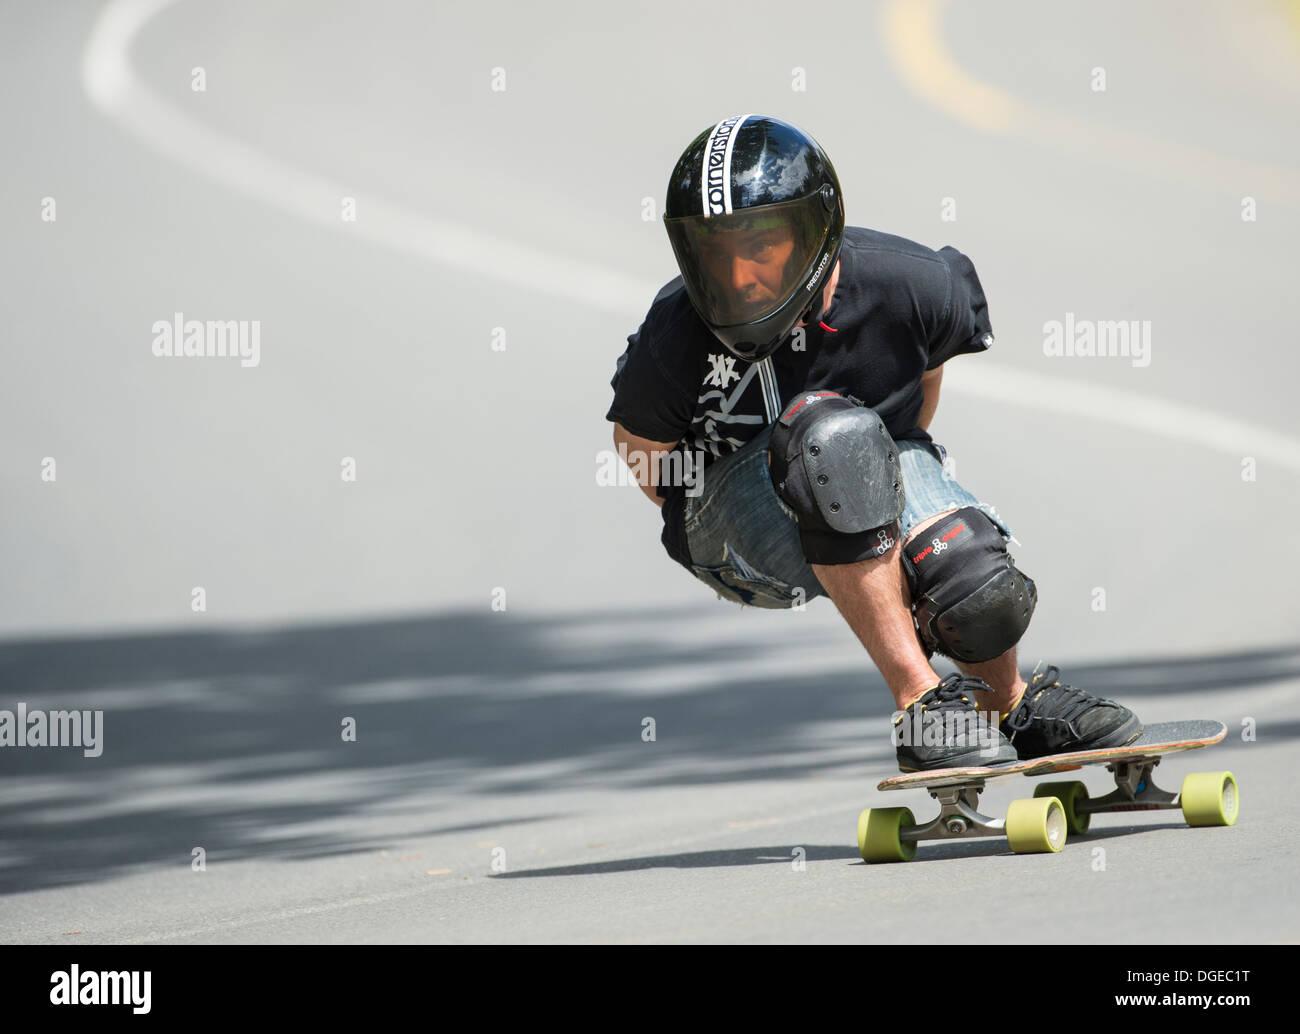 Skateboard longboard formazione in discesa su strada pubblica Immagini Stock